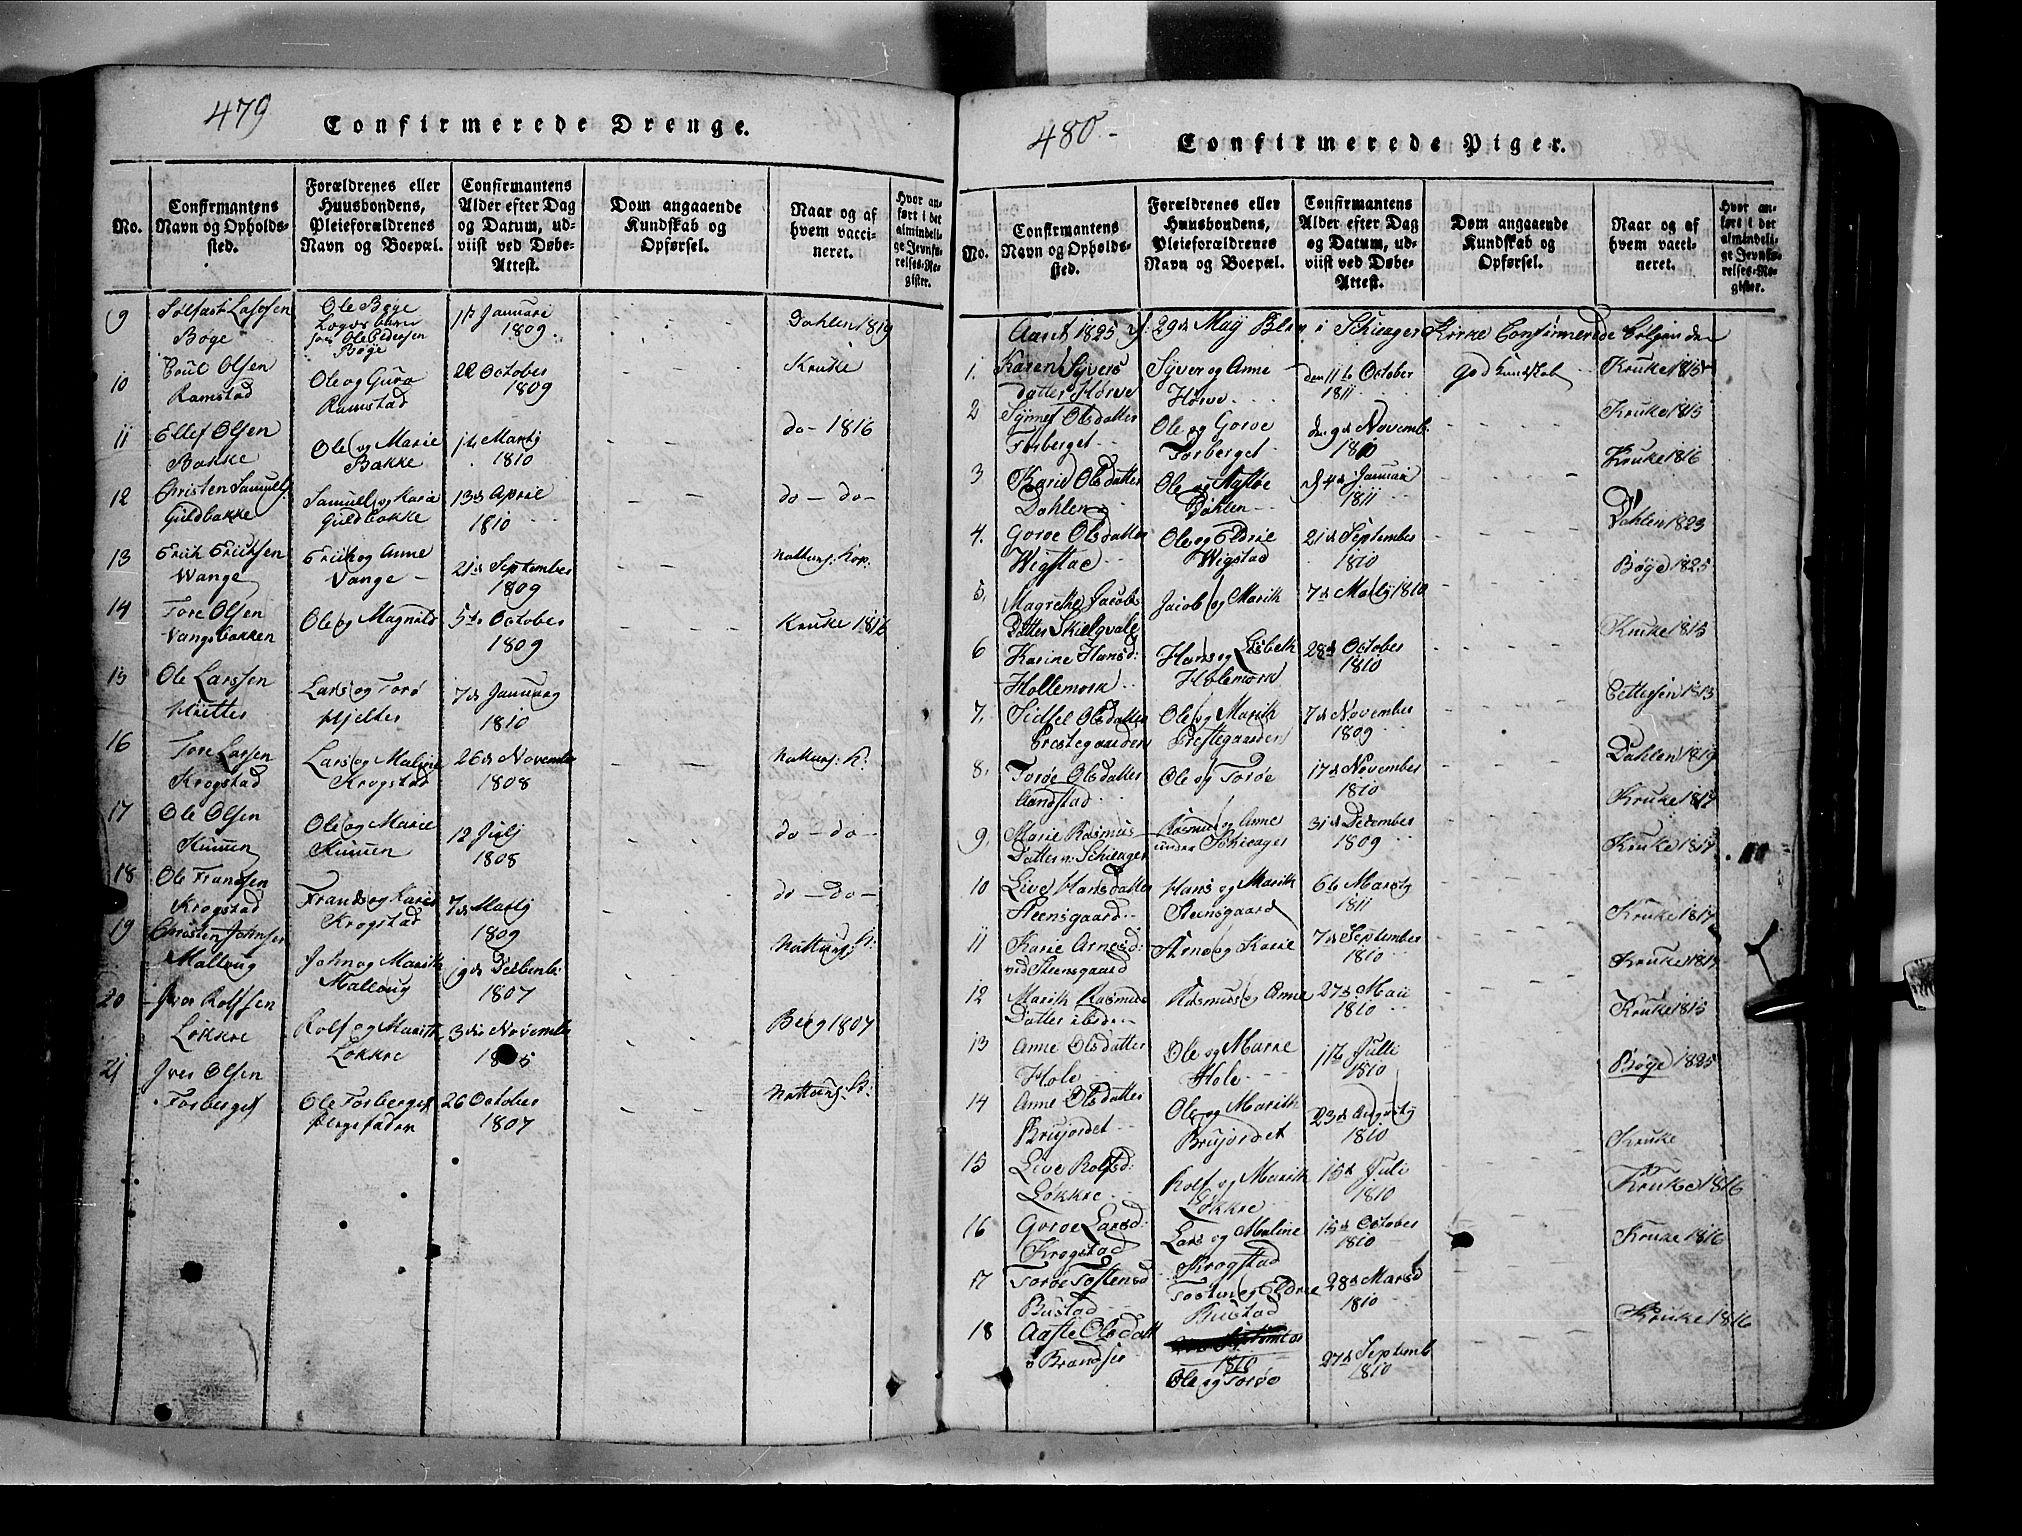 SAH, Lom prestekontor, L/L0003: Klokkerbok nr. 3, 1815-1844, s. 479-480